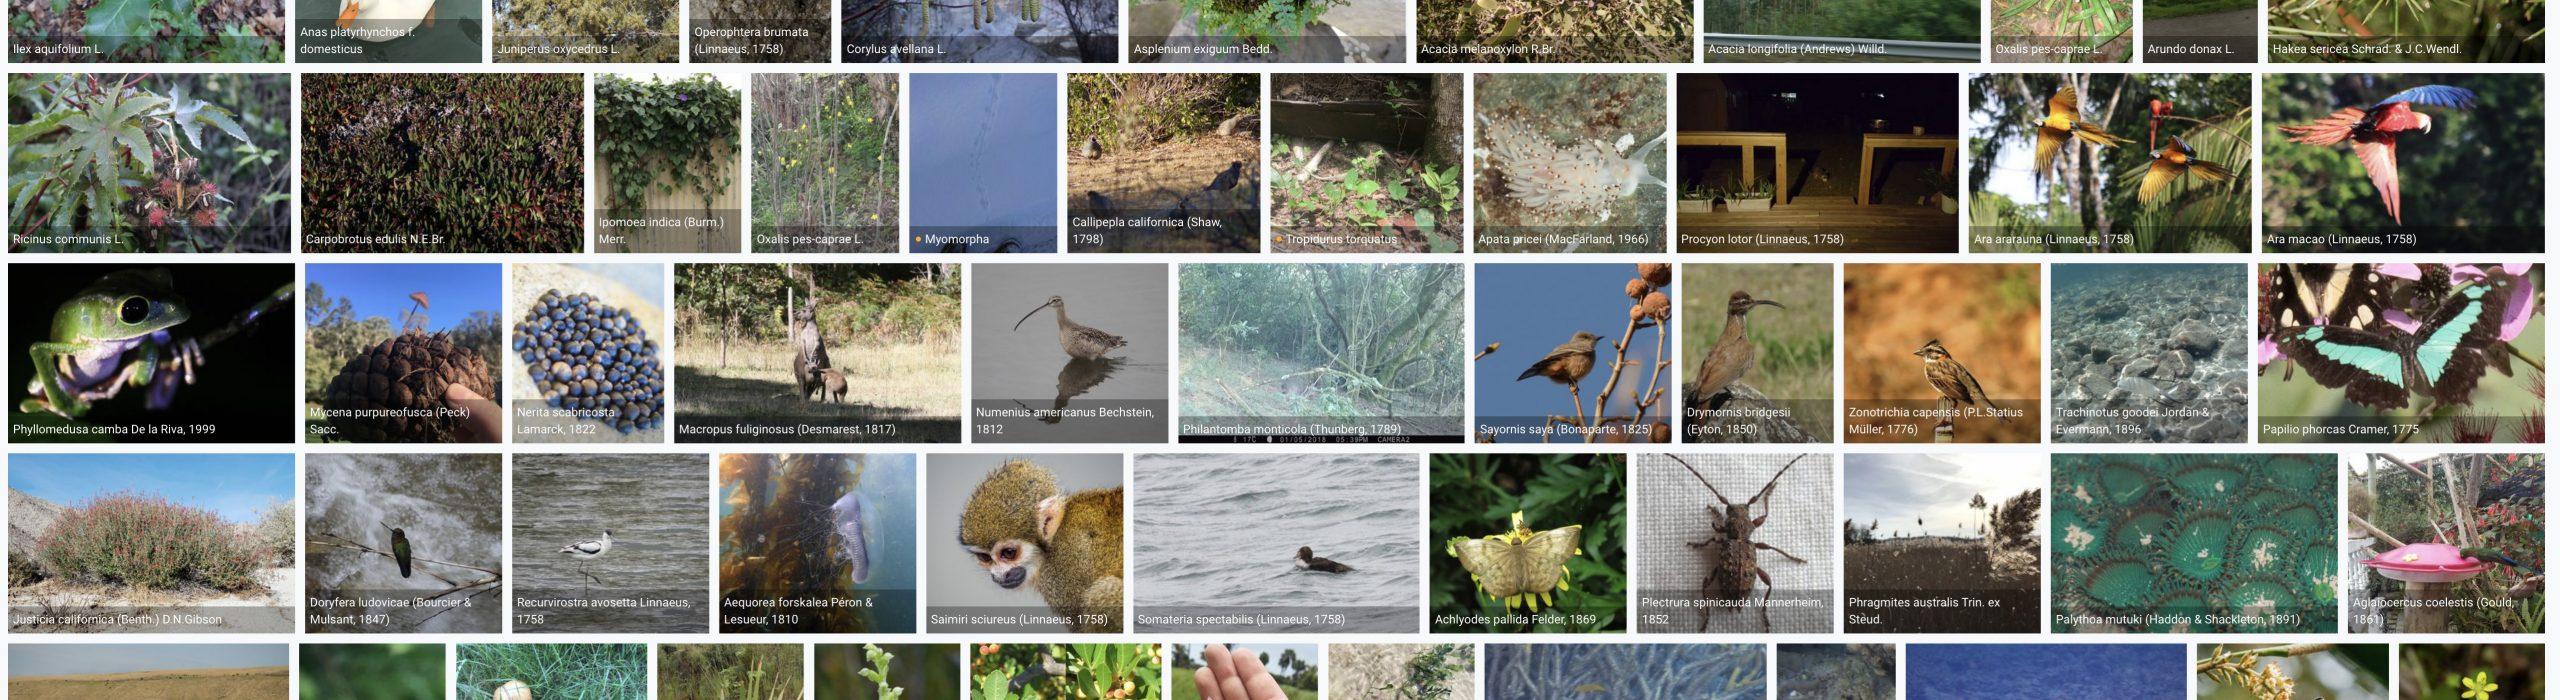 Chile aporta con más de un millón de registros de presencia de especies al logro mundial de la plataforma GBIF